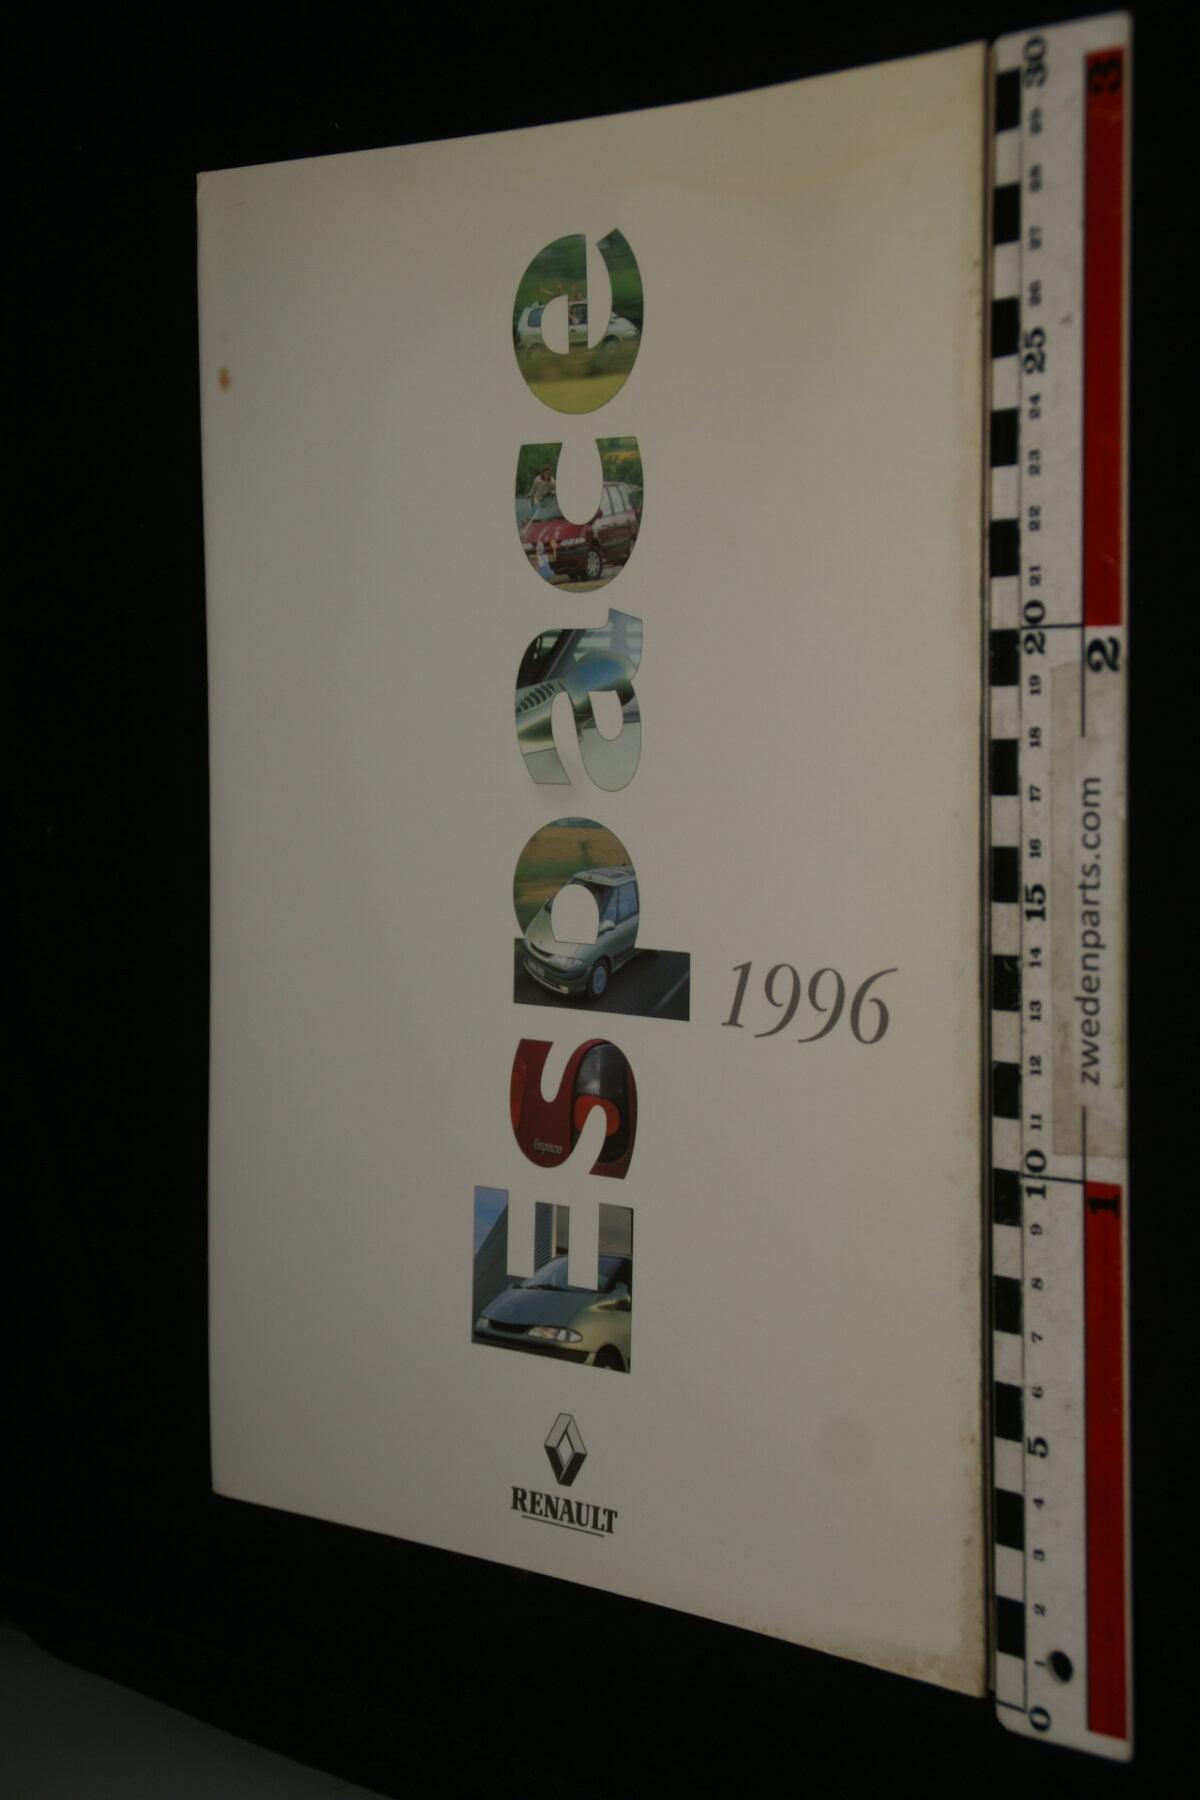 DSC09975 1996 originele persmap Renault Espace, English-f71ae6ac